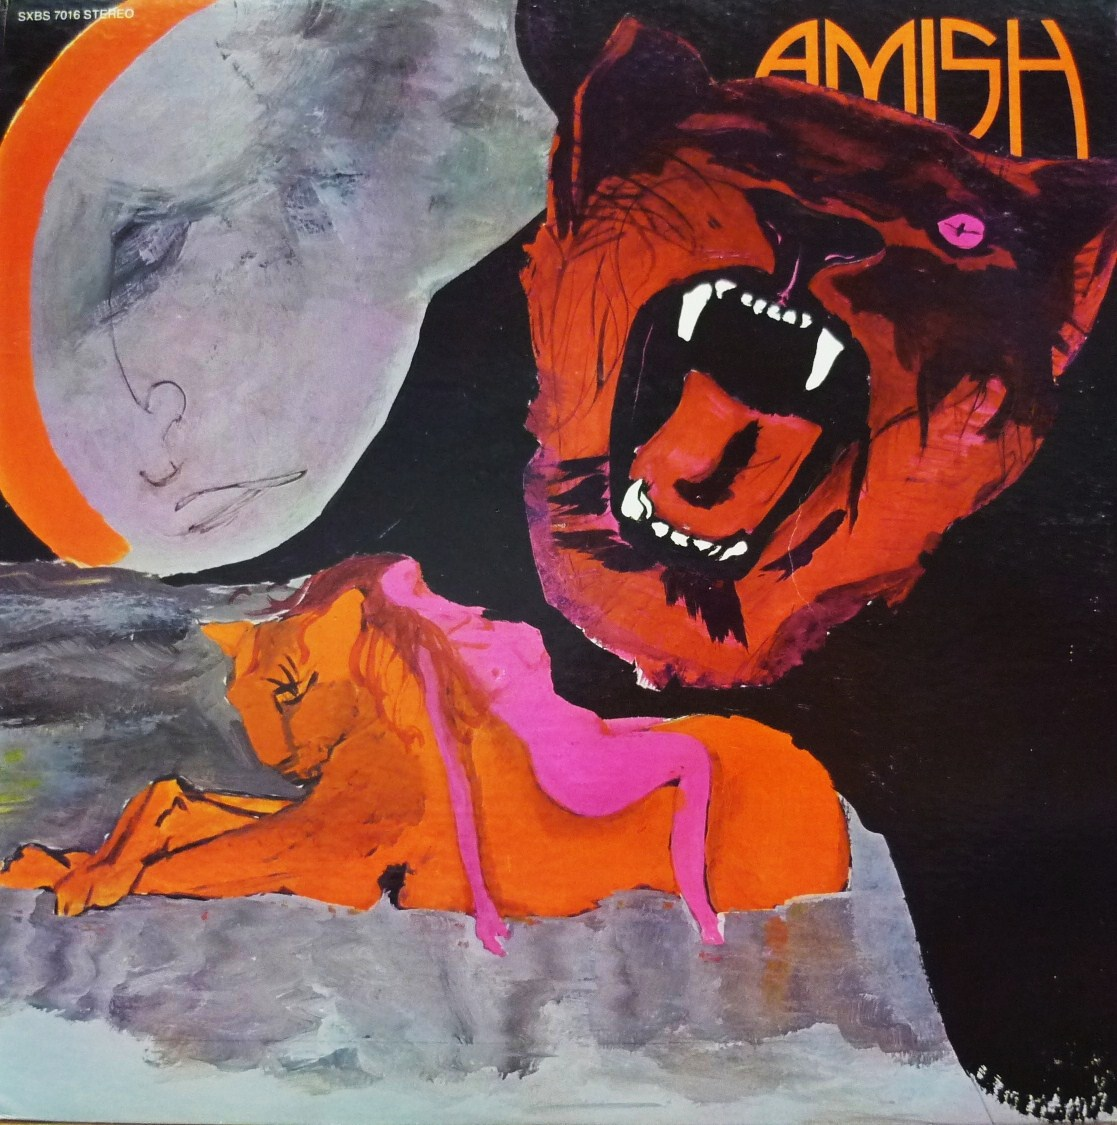 """""""Amish"""" foi uma banda canadense formada em 1970 em Ontário, mais precisamente em uma localidade chamada Galt, e nesse local acabou se desenvolvendo uma comunidade """"Amish""""!!!  Para quem não sabe, """"Amish"""" são comunidades (ou seitas) de pessoas que levam a vida como se estivessem há uns dois séculos atrás, longe do progresso e das indústrias, eletricidade ou automóveis. Eles lançaram um único álbum auto-intitulado em 1972, que foi distribuído pela Buddah Records, apenas 1000 cópias impresas, produzido por """"Mike Theodore"""" & """"Dennis Coffey"""". Então este álbum torna-se muito inusitado, pois a banda foi formada por músicos que eram admiradores do estilo de vida """"Amish"""". A sonoridade é um típico hard rock setentista com pitadas progressivas/psicodélicas e com um Hammond muito competente fazendo a diferença, o vocal também é bem marcante e poderoso, destaque para a faixa 2 (Black Lace Woman), faixa 6 (Dear Mr. Fantasy) e faixa 7 (Sea).  Após a gravação de um segundo álbum, que não foi liberado pela gravadora, """"Ron Baumtrog"""" (teclado) foi substituído por """"Gery Mertz"""". A banda continuou por alguns anos e logo se desfez, hoje """"Baumtrog"""" é o Coordenador do MetoKote Canadá, em Cambridge, Ontário; """"Mike Gingrich"""" foi tocar com a """"NightWinds"""" no final de 1970, foi baixista da """"Klaatu"""" de novembro de 1981 até agosto de 1982, """"Headpins"""" e """"Holly Woods"""" em 1983 e """"Toronto"""" em 1984; """"Doug Stagg"""" faleceu em 1999."""